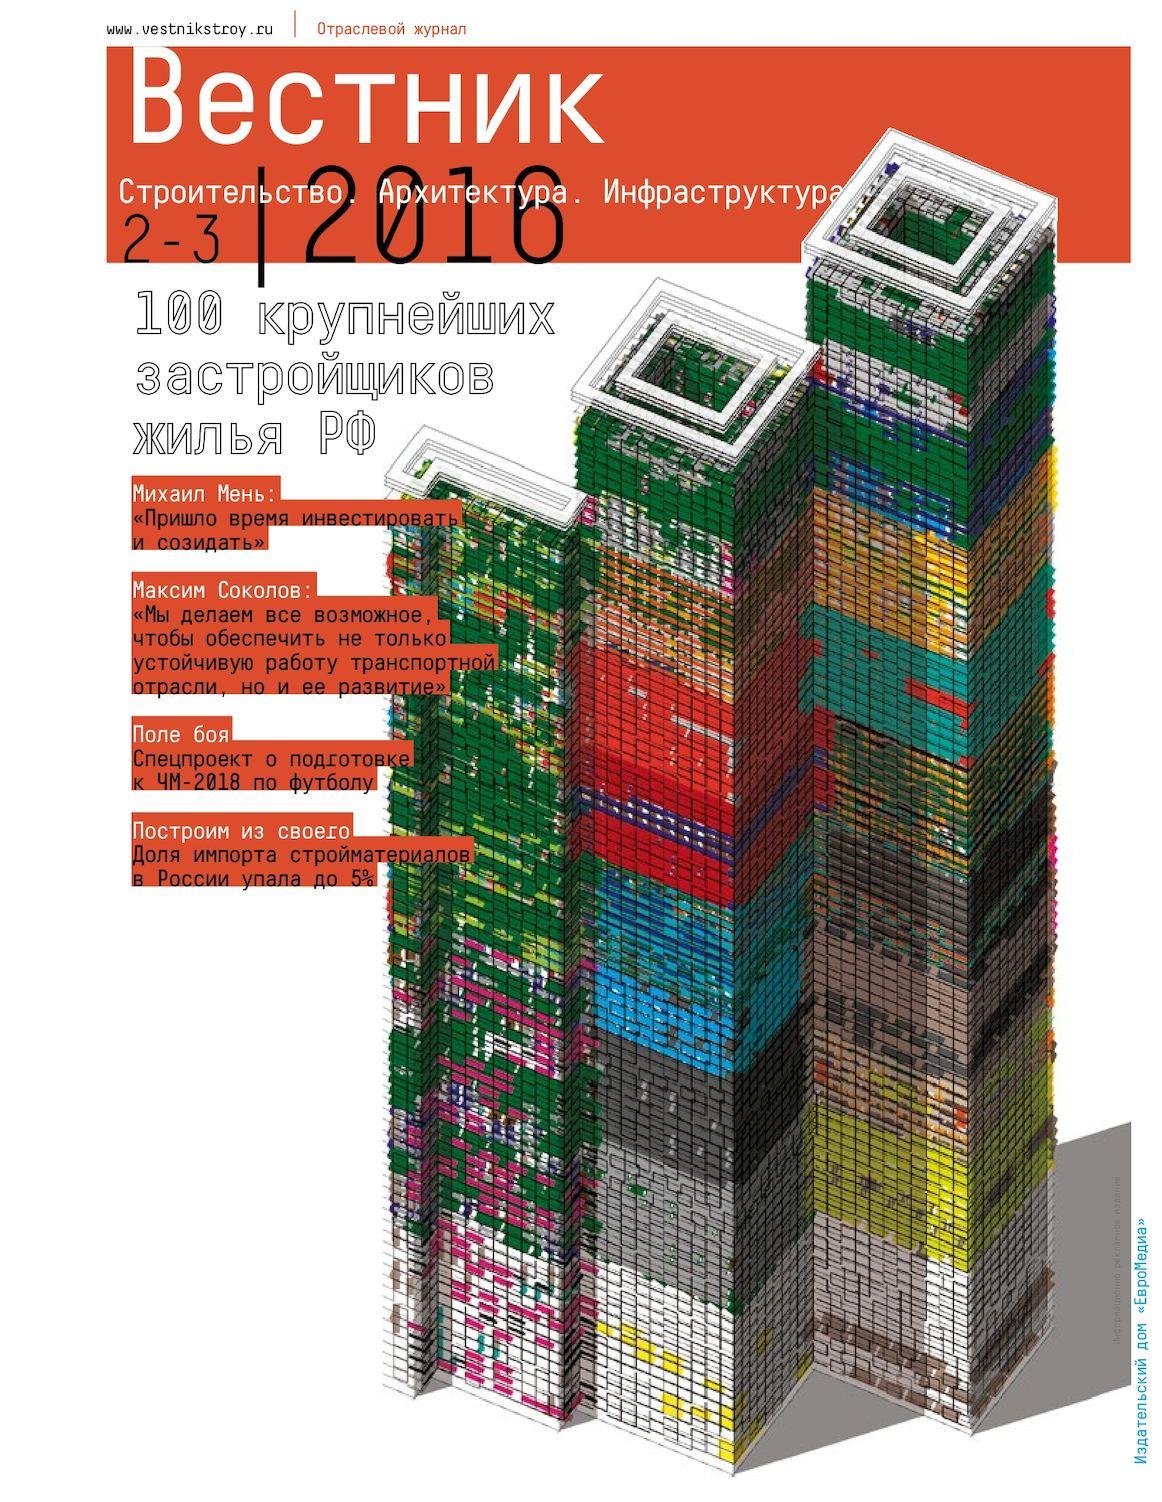 3f6bc233f16d Calaméo - Отраслевой журнал «Вестник»